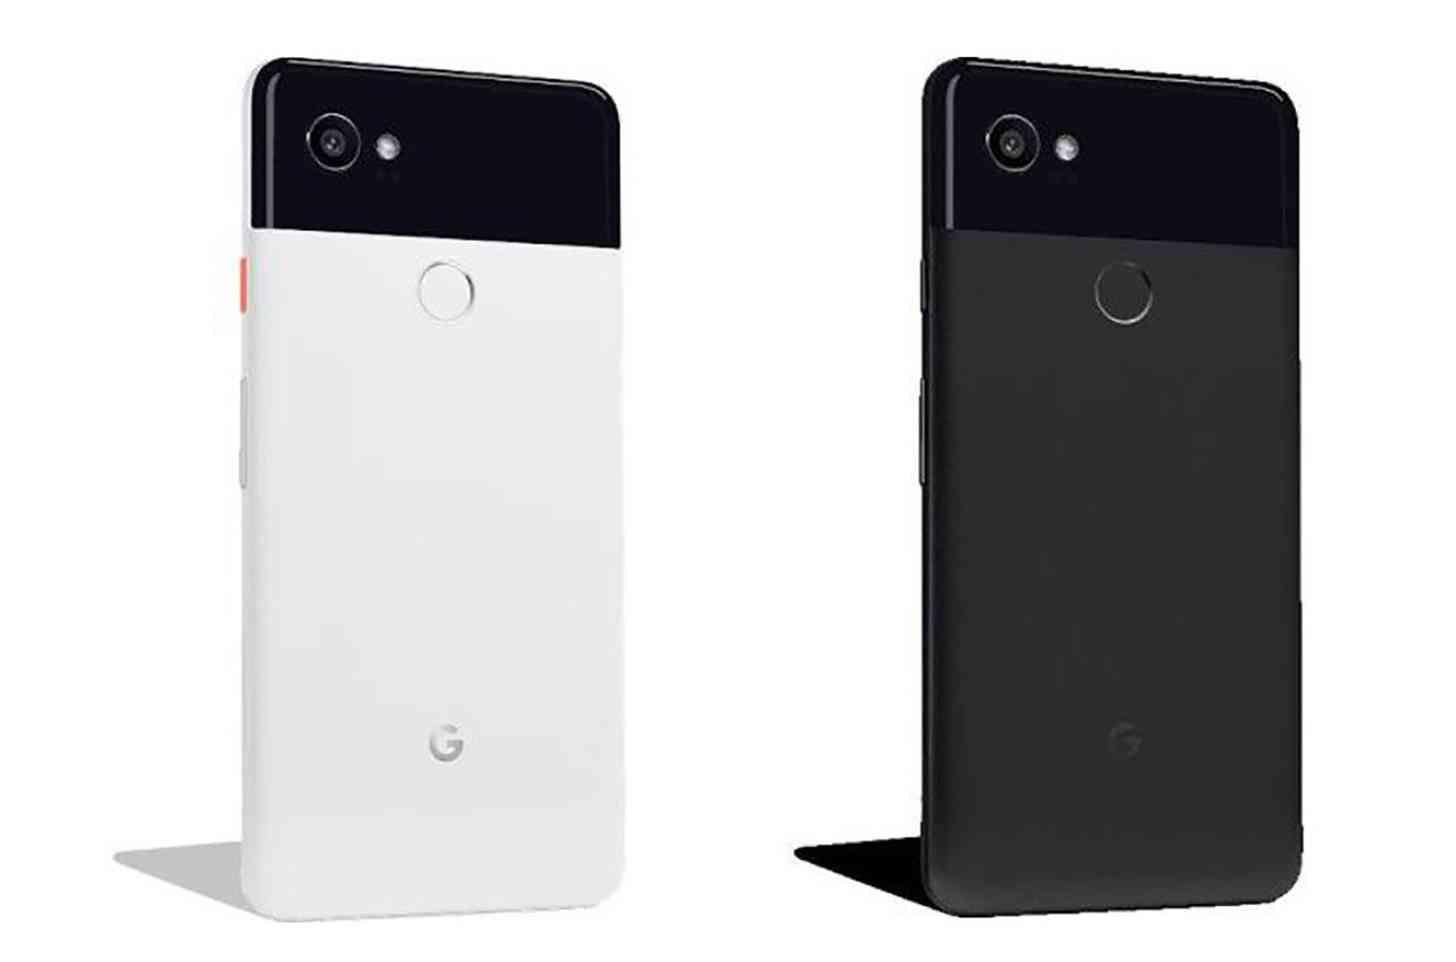 Google Pixel 2 XL color options leak